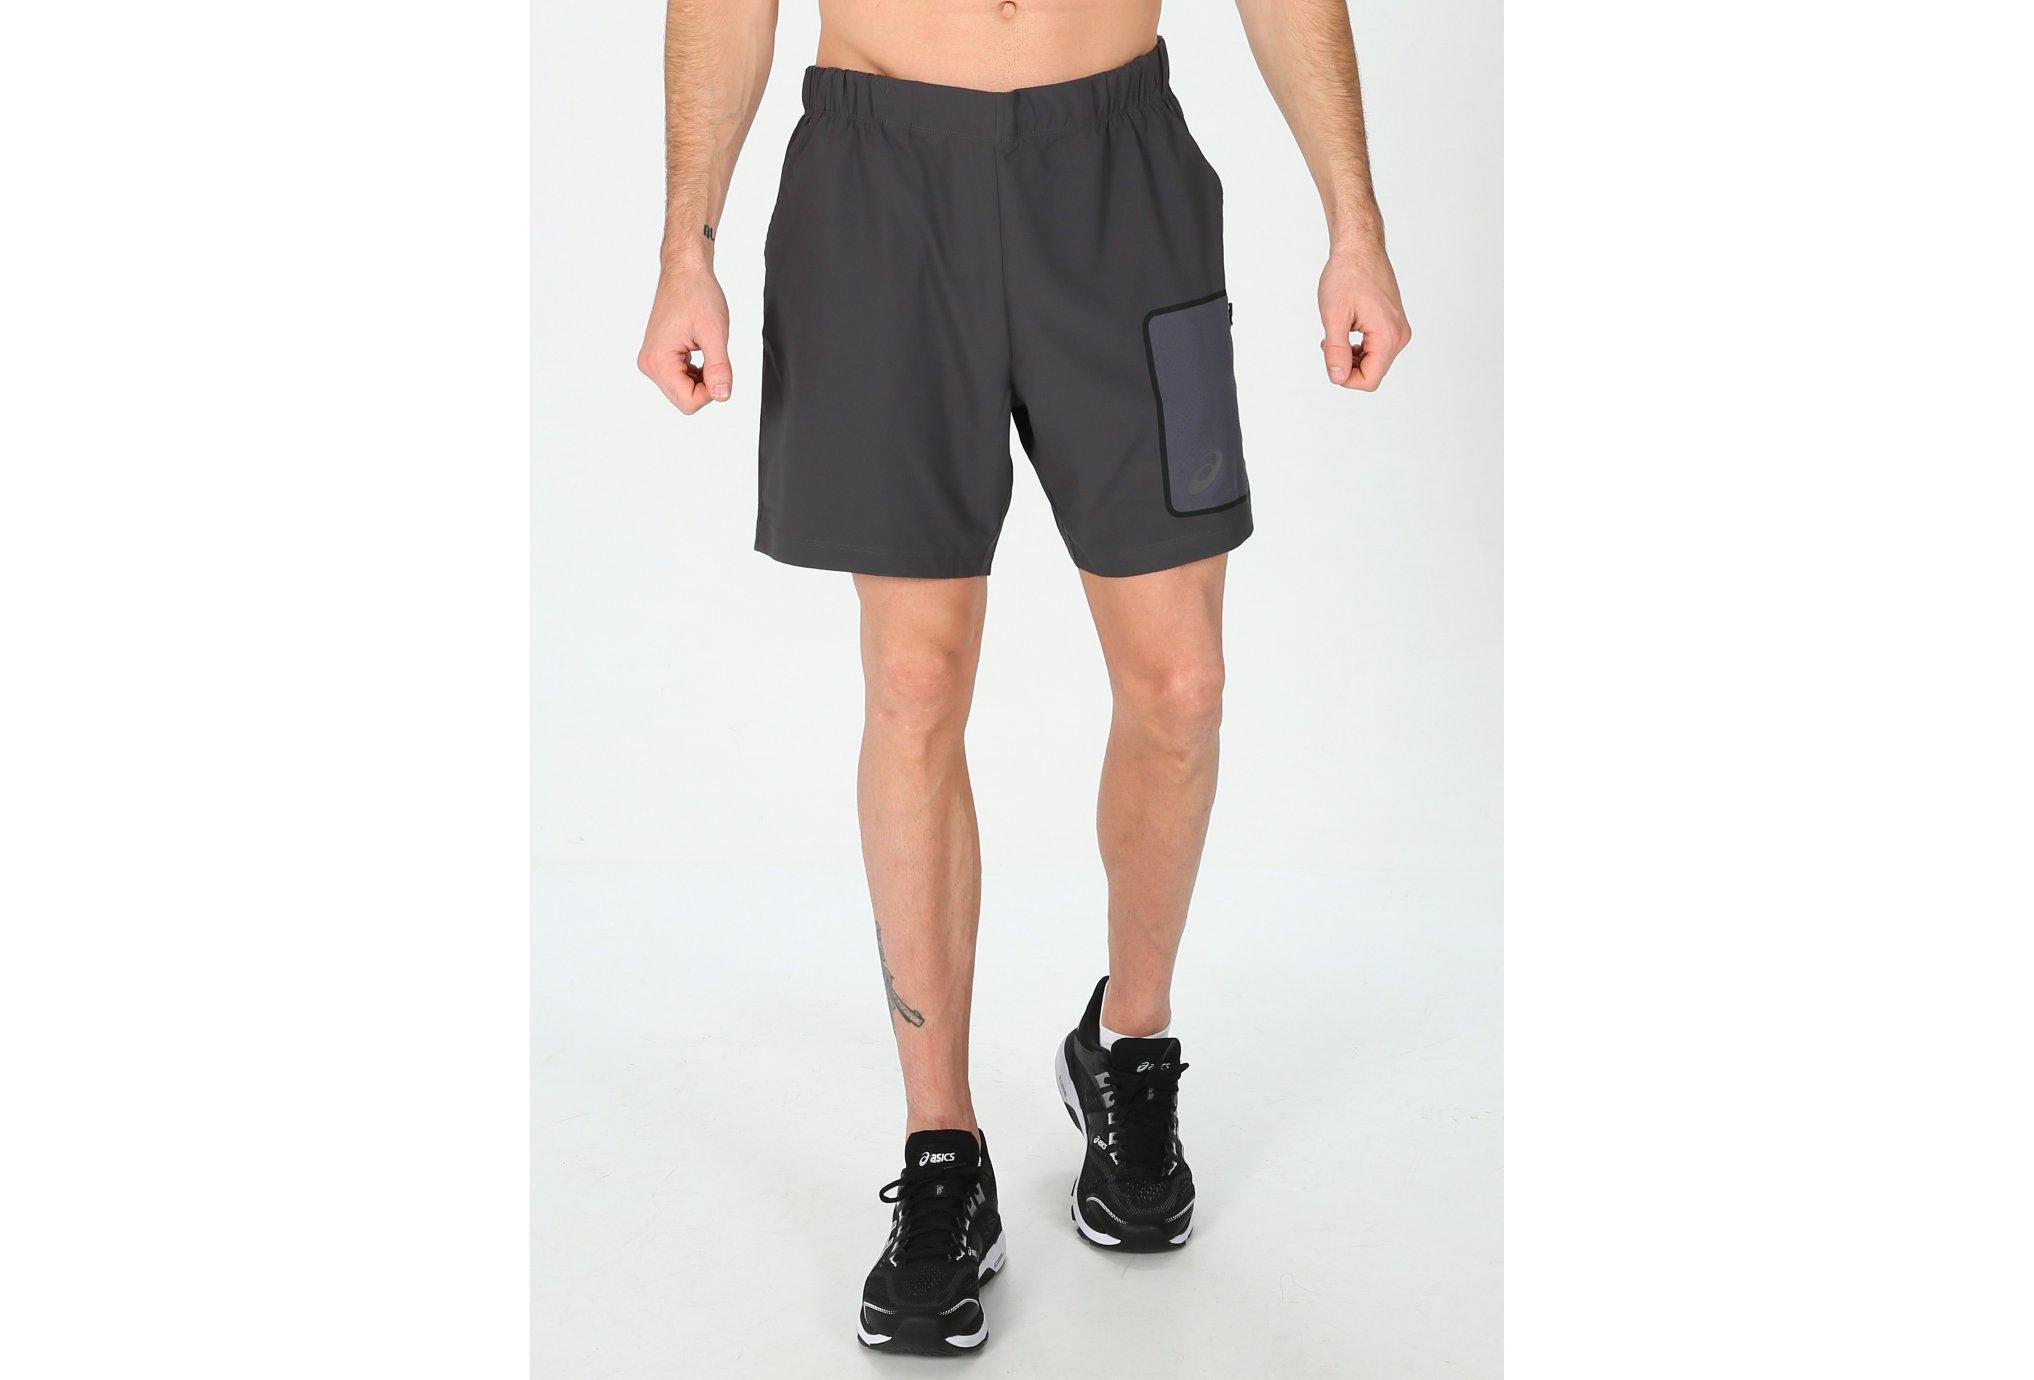 Asics Elite 7Inch M Diététique Vêtements homme